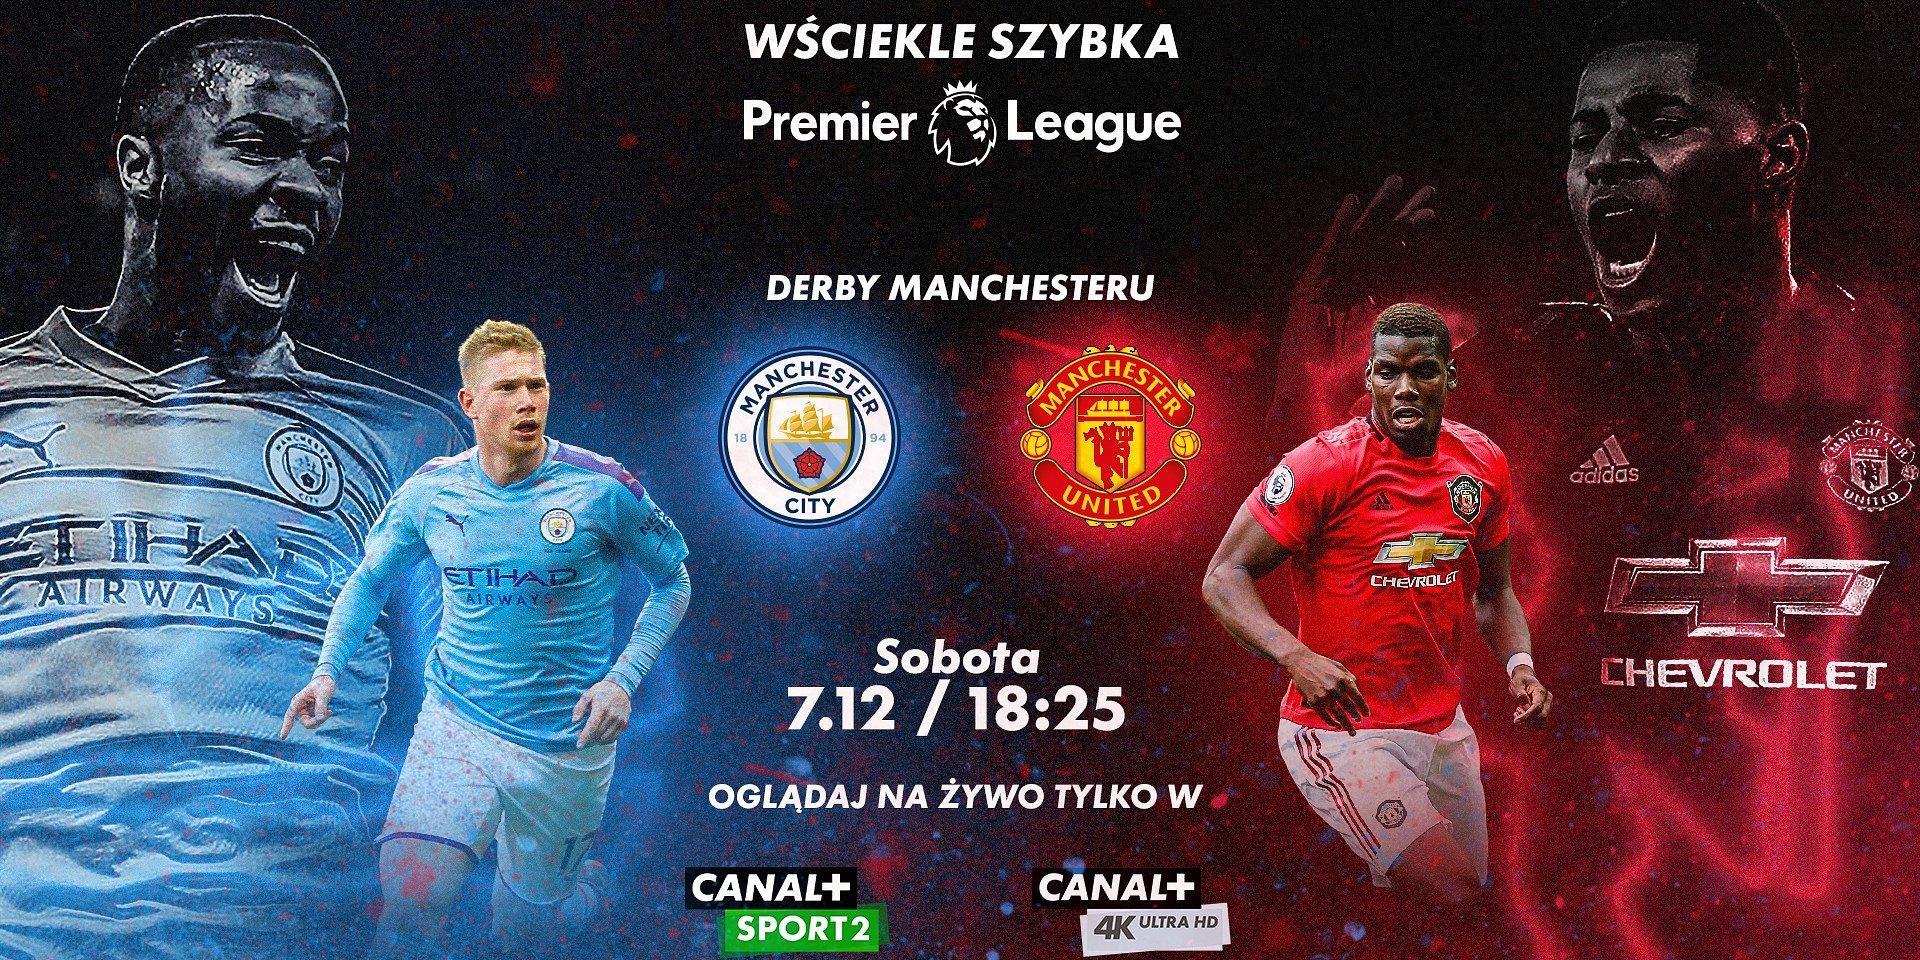 Derby Manchesteru, Piszczek vs Kownacki, hit PKO Ekstraklasy – sportowy weekend w CANAL+